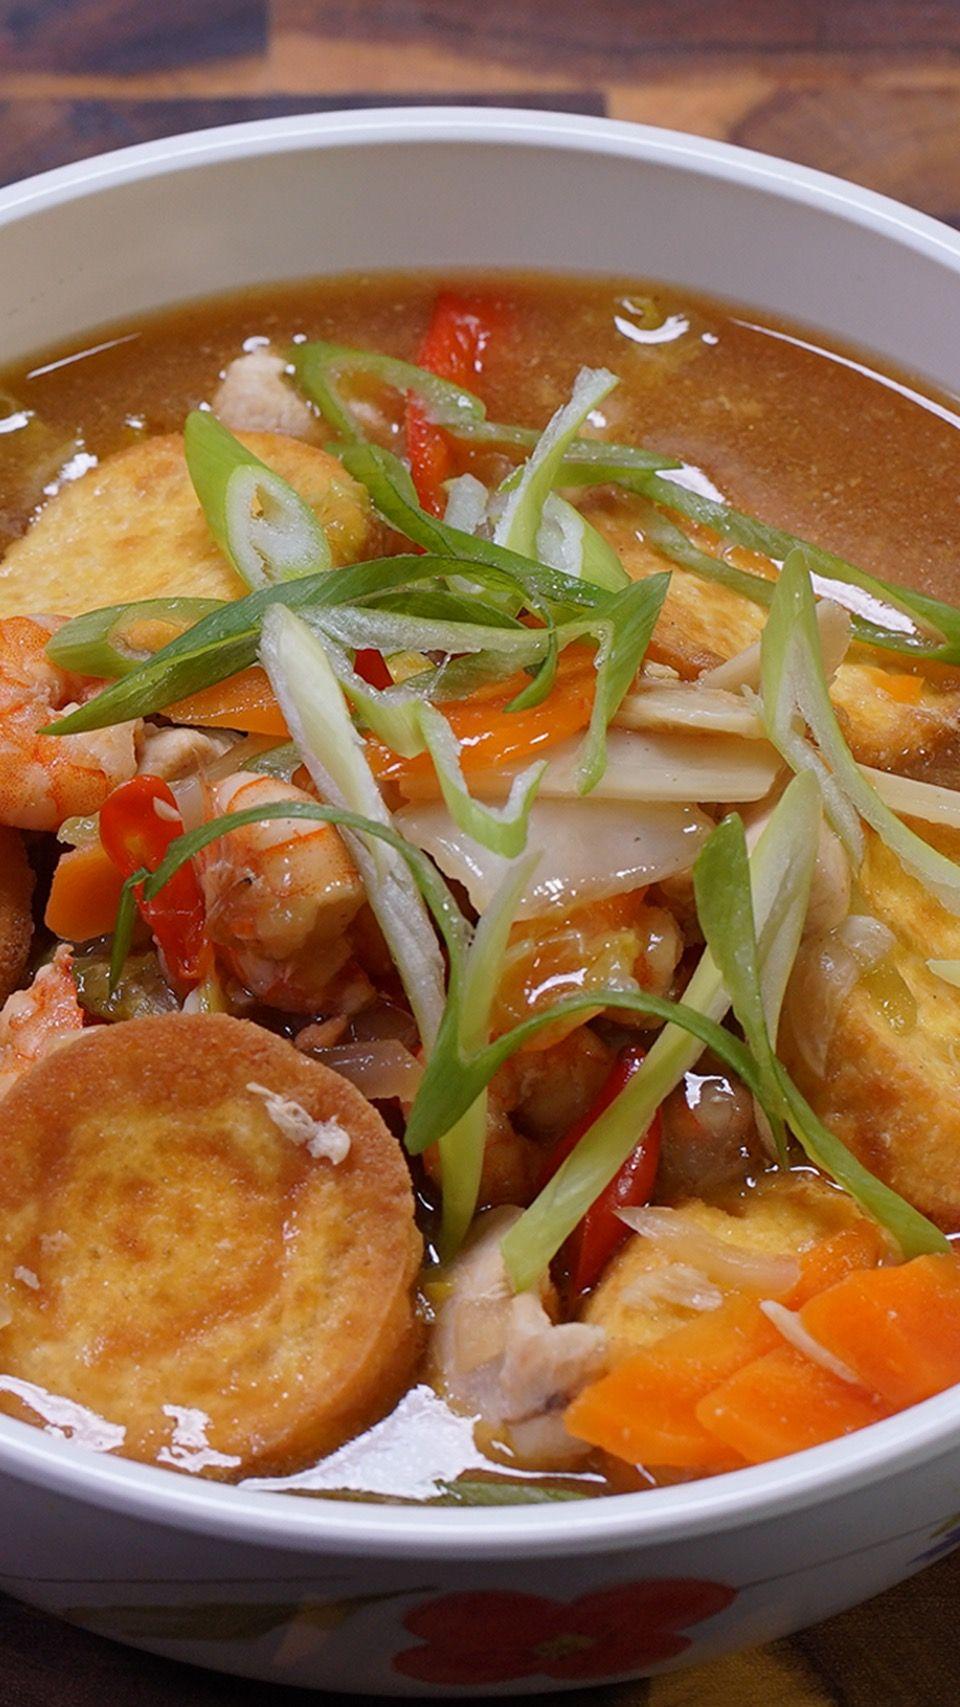 Sapo Tahu Resep Resep Masakan Vegetarian Resep Makan Malam Sehat Resep Makan Malam